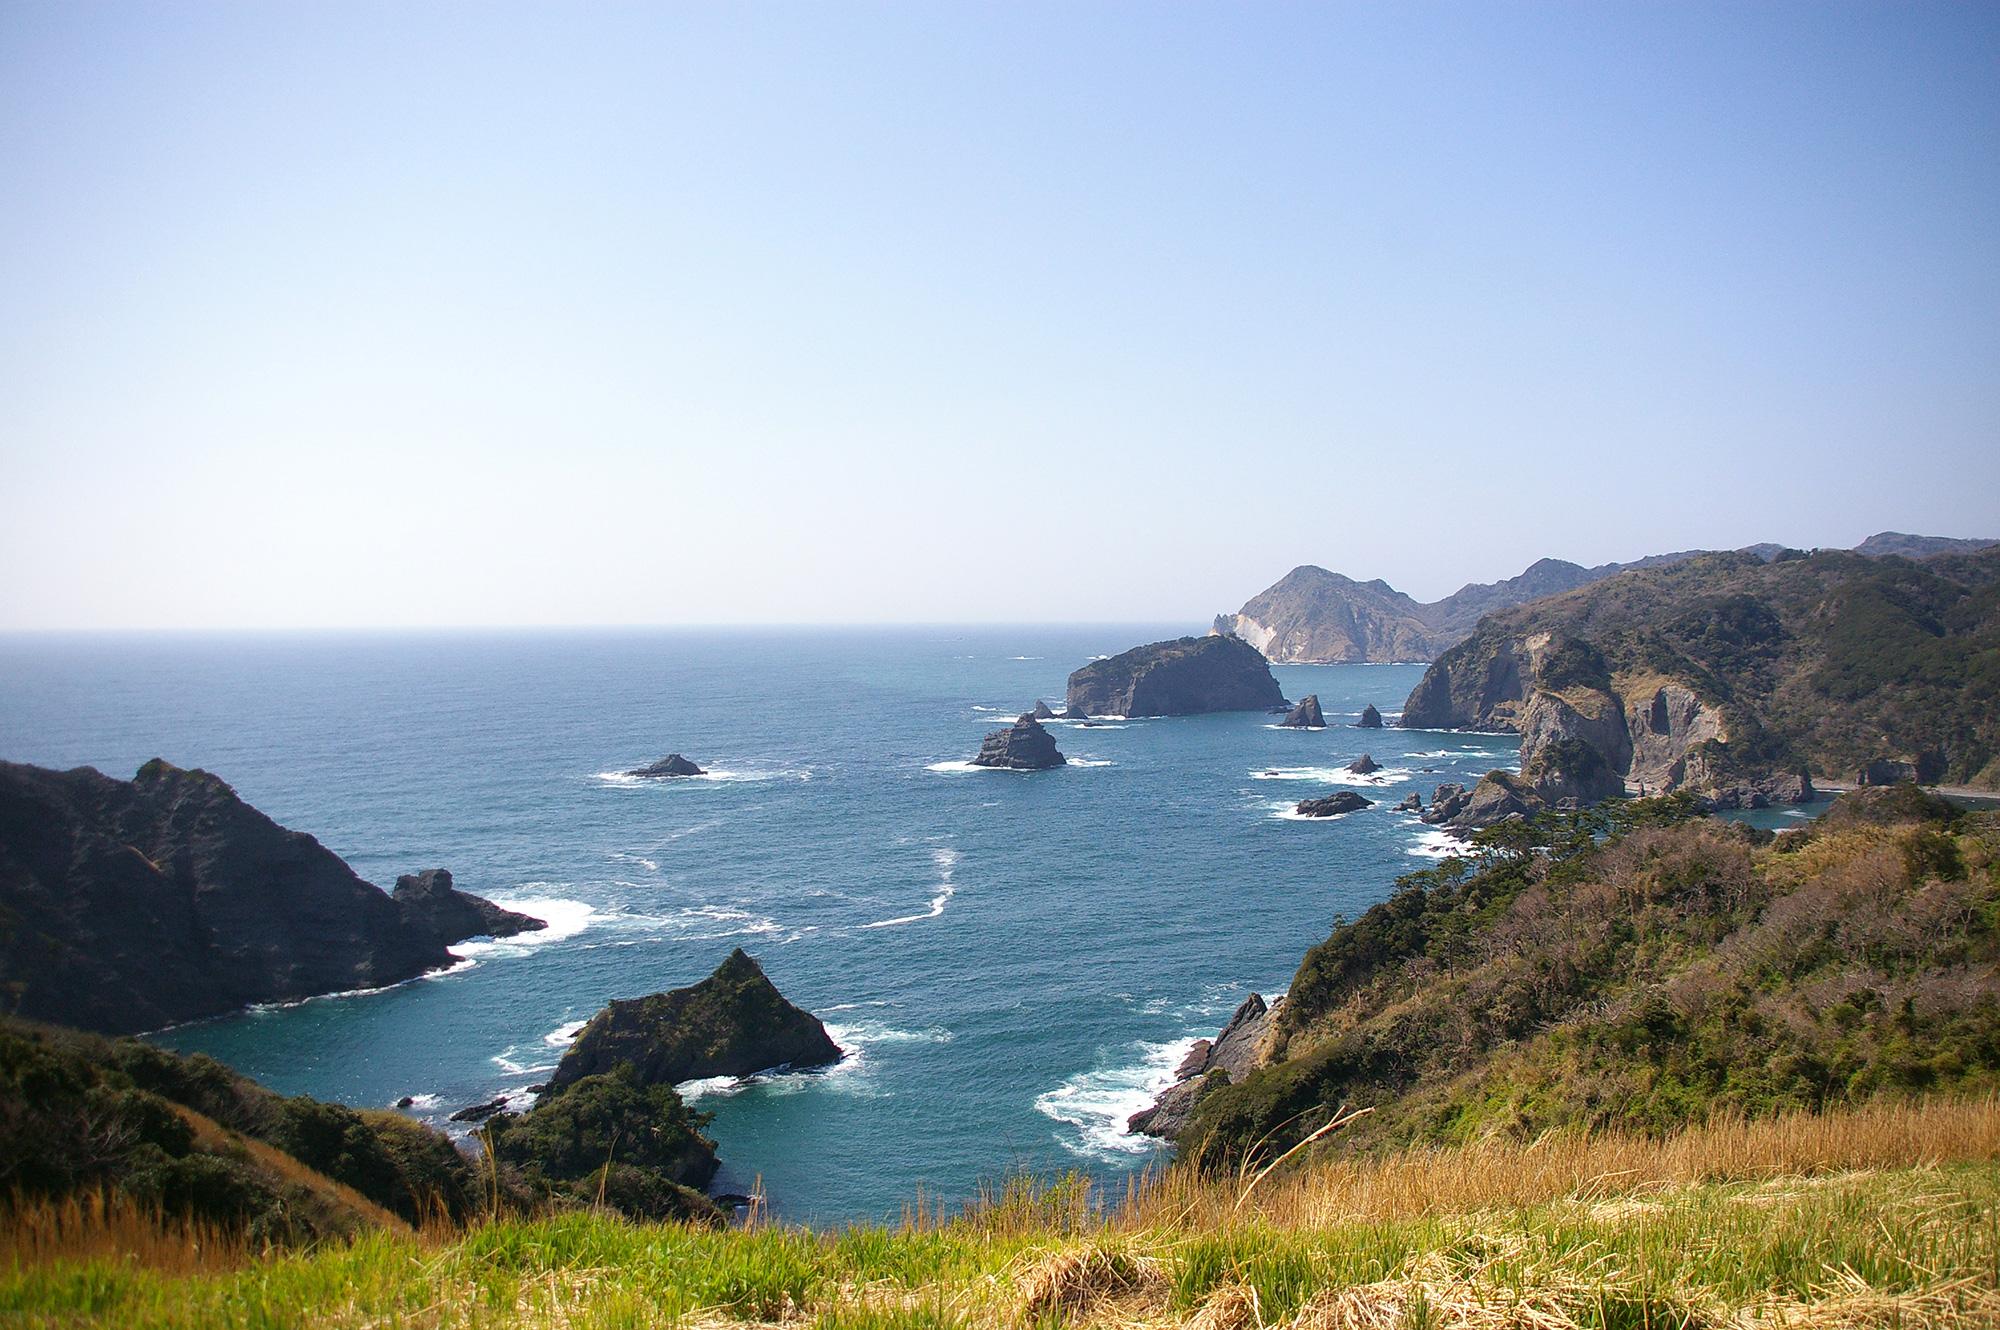 崖と岩場と水平線の写真のフリー素材